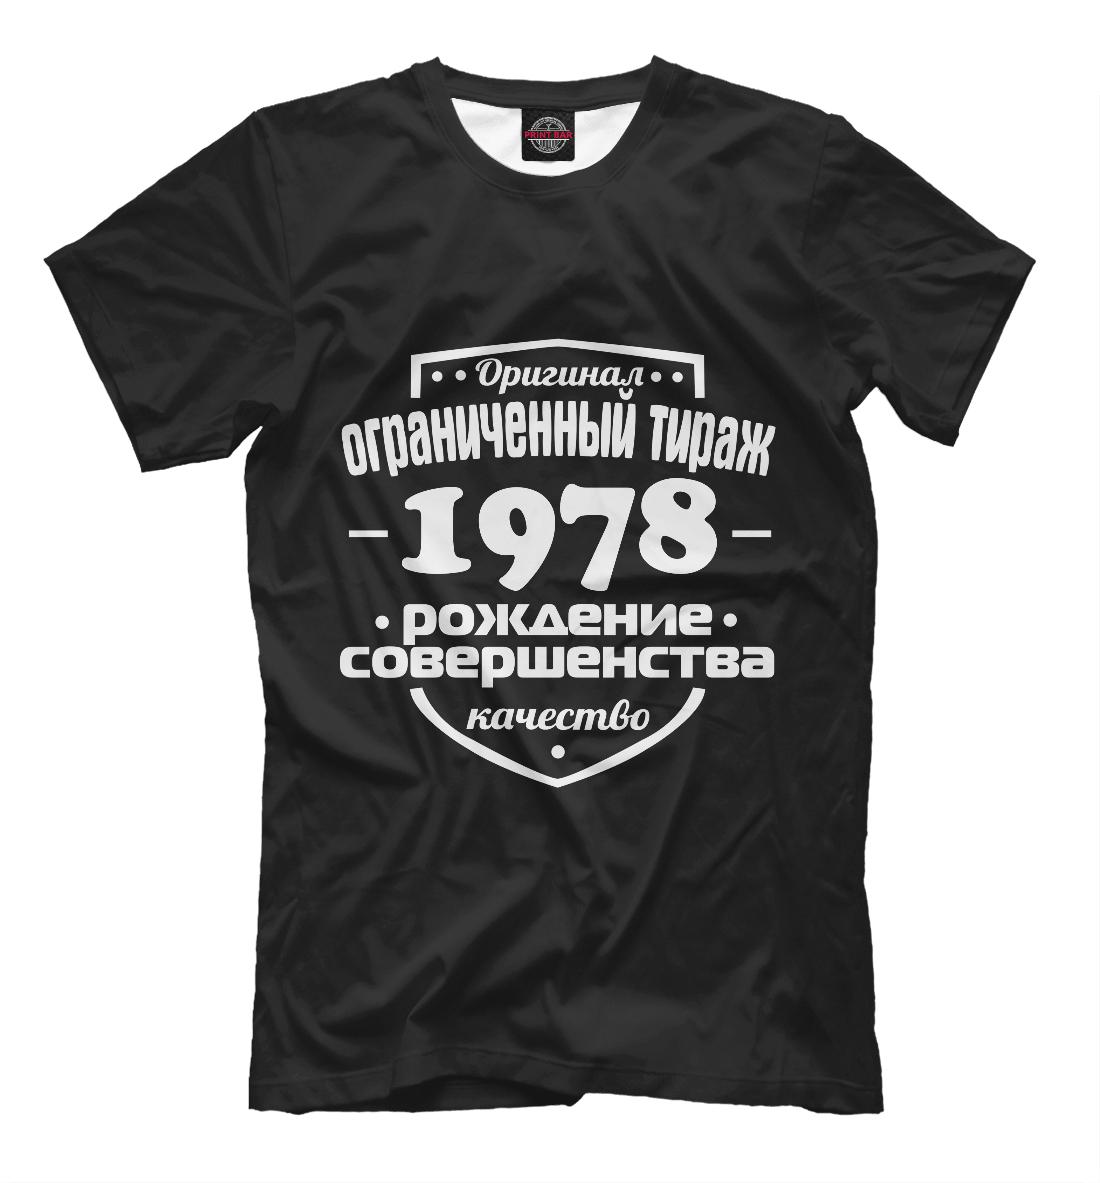 Купить Рождение совершенства 1978, Printbar, Футболки, DSV-926754-fut-2